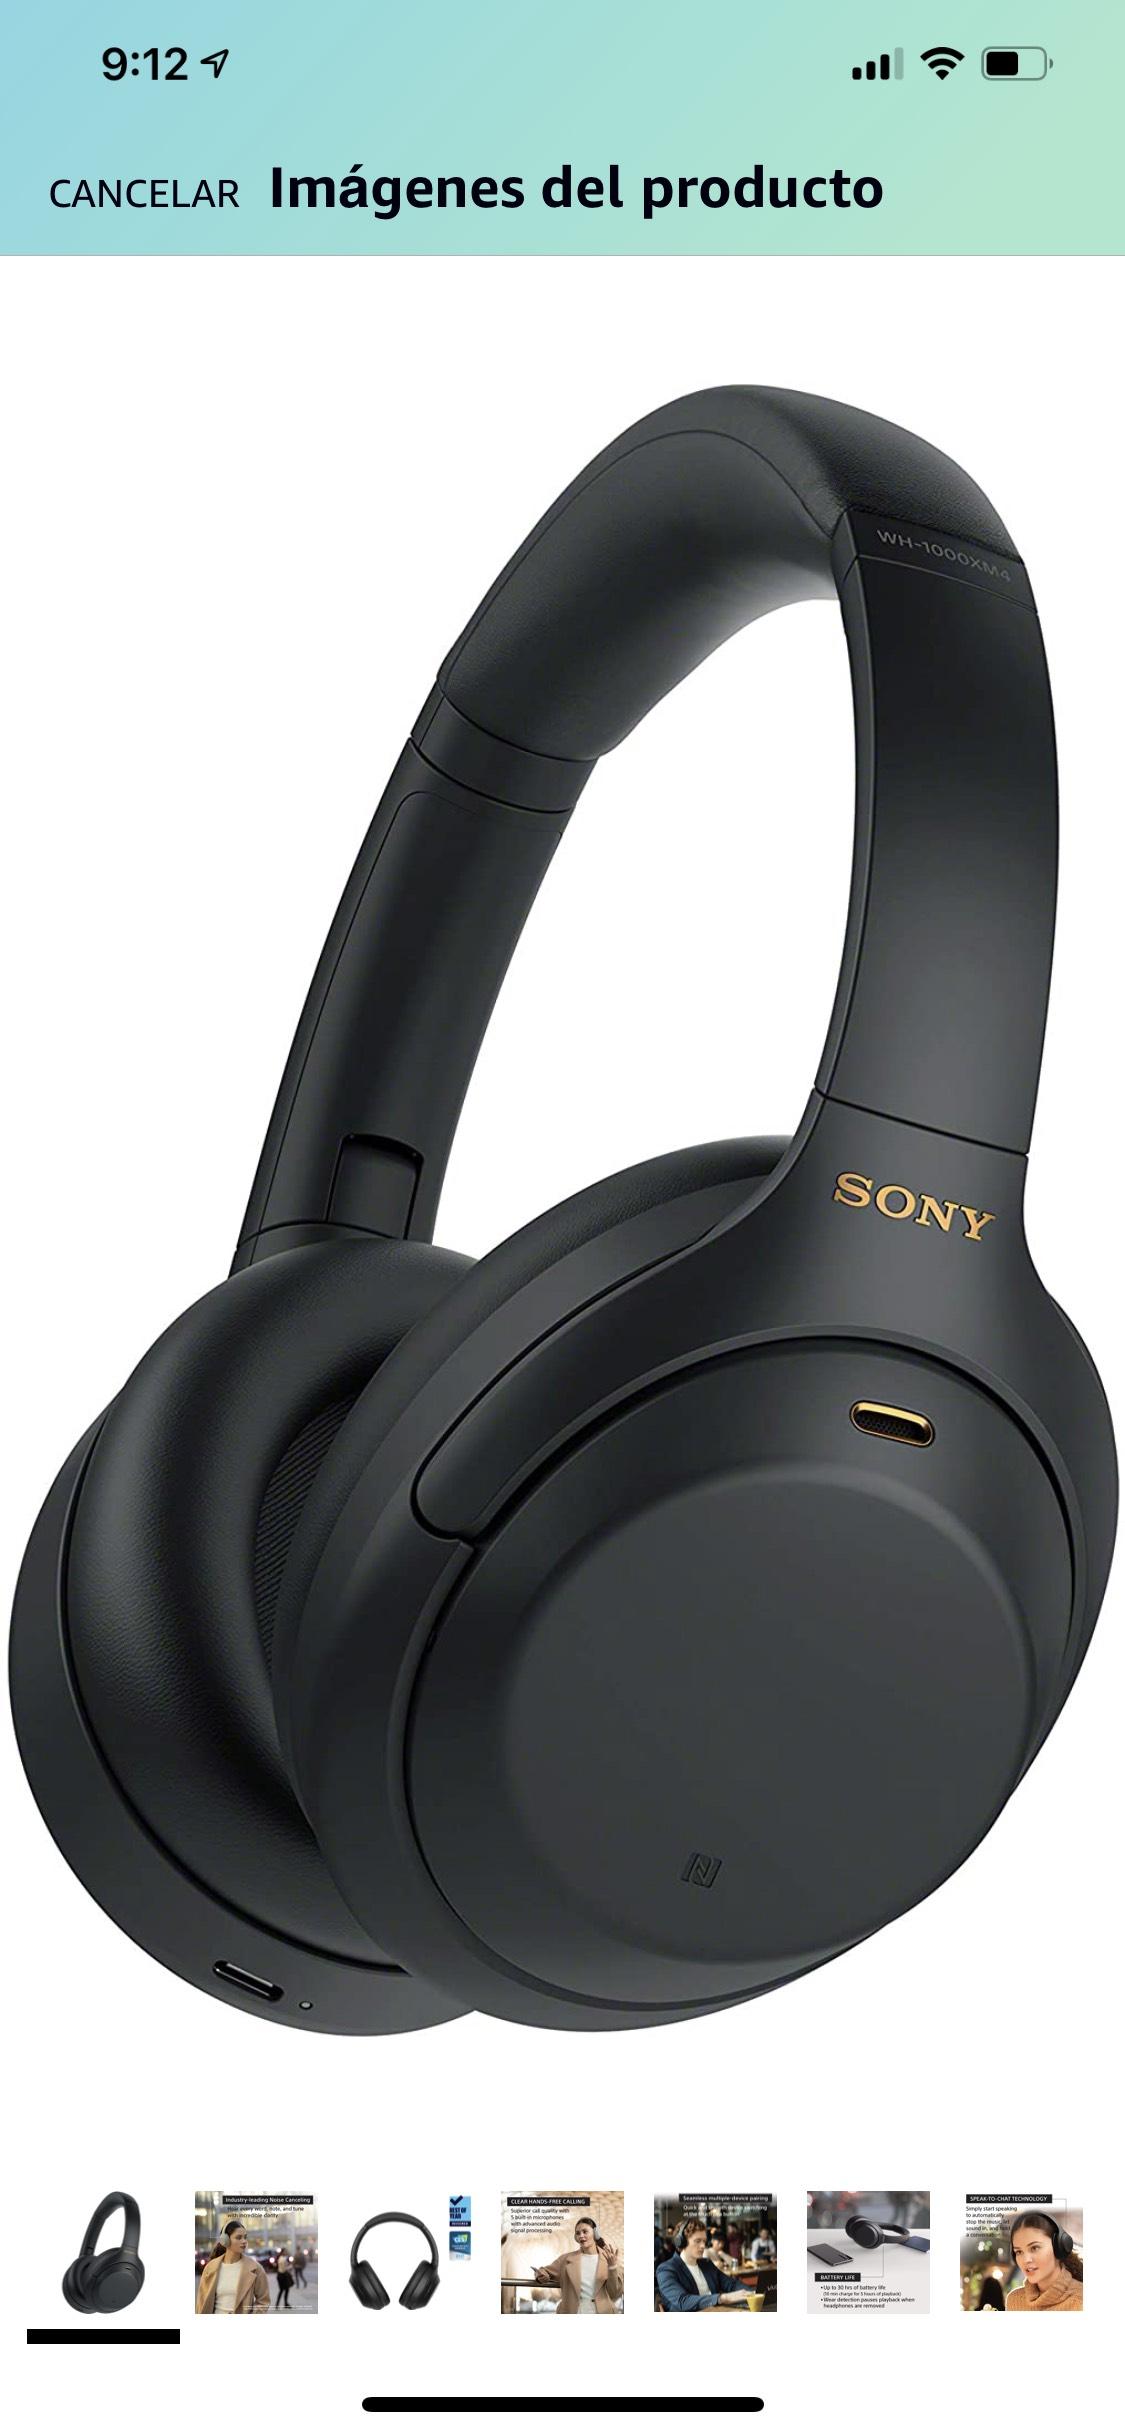 Amazon: Sony WH1000XM4/B Audífonos inalámbricos con Noise Cancelling. Con Cupón ALEGRIAMAZON